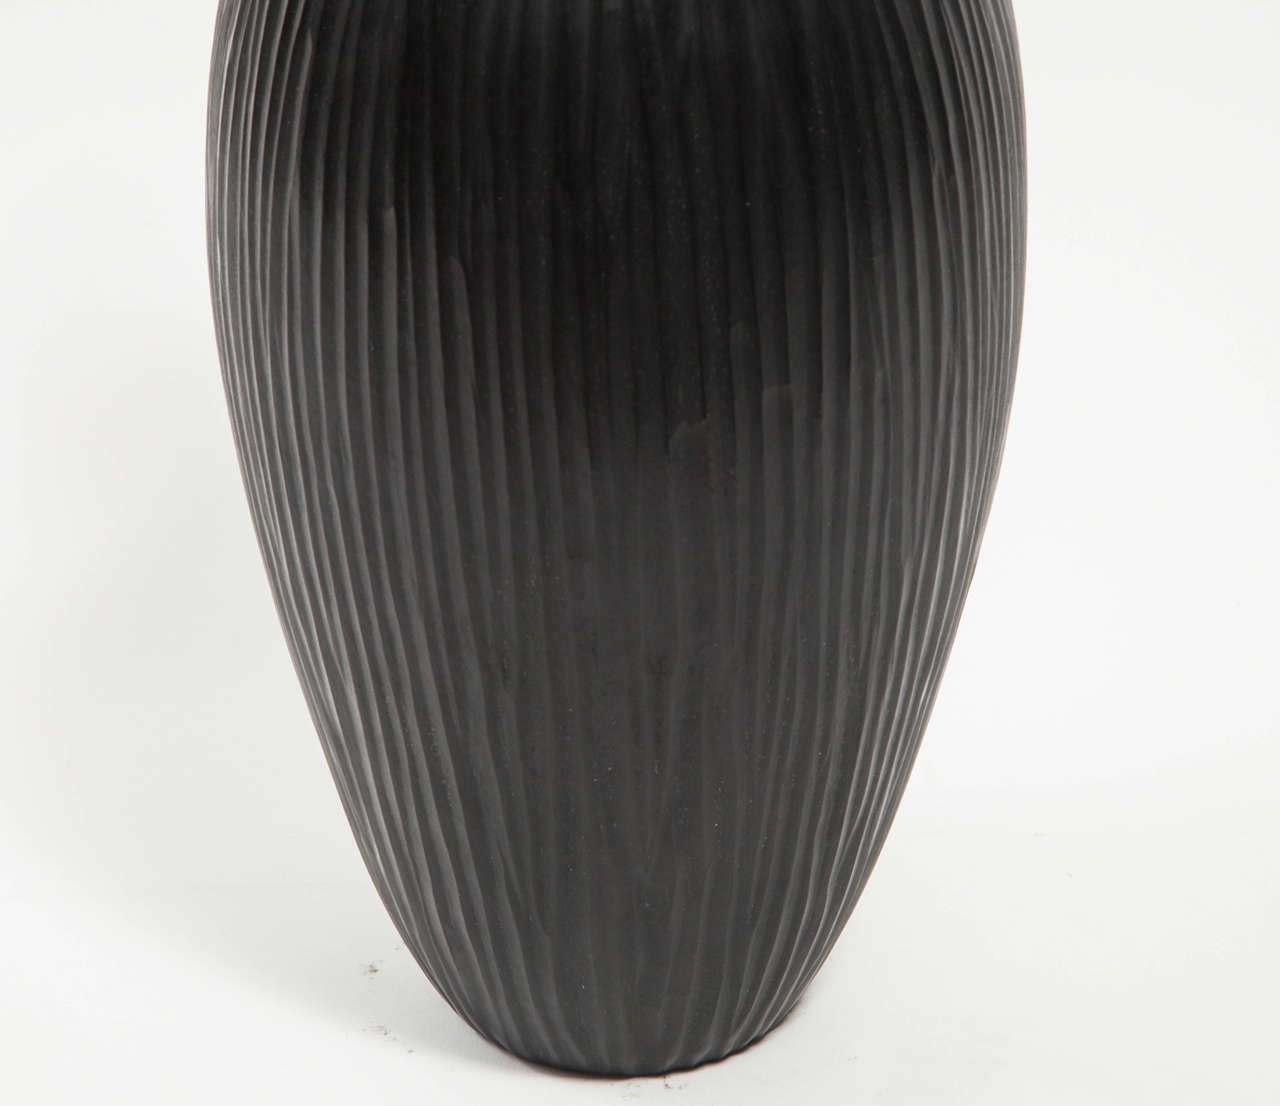 Italian Massimo Micheluzzi Black Murano Glass Vase, Hand Blown and Battuto Cut, 2002 For Sale